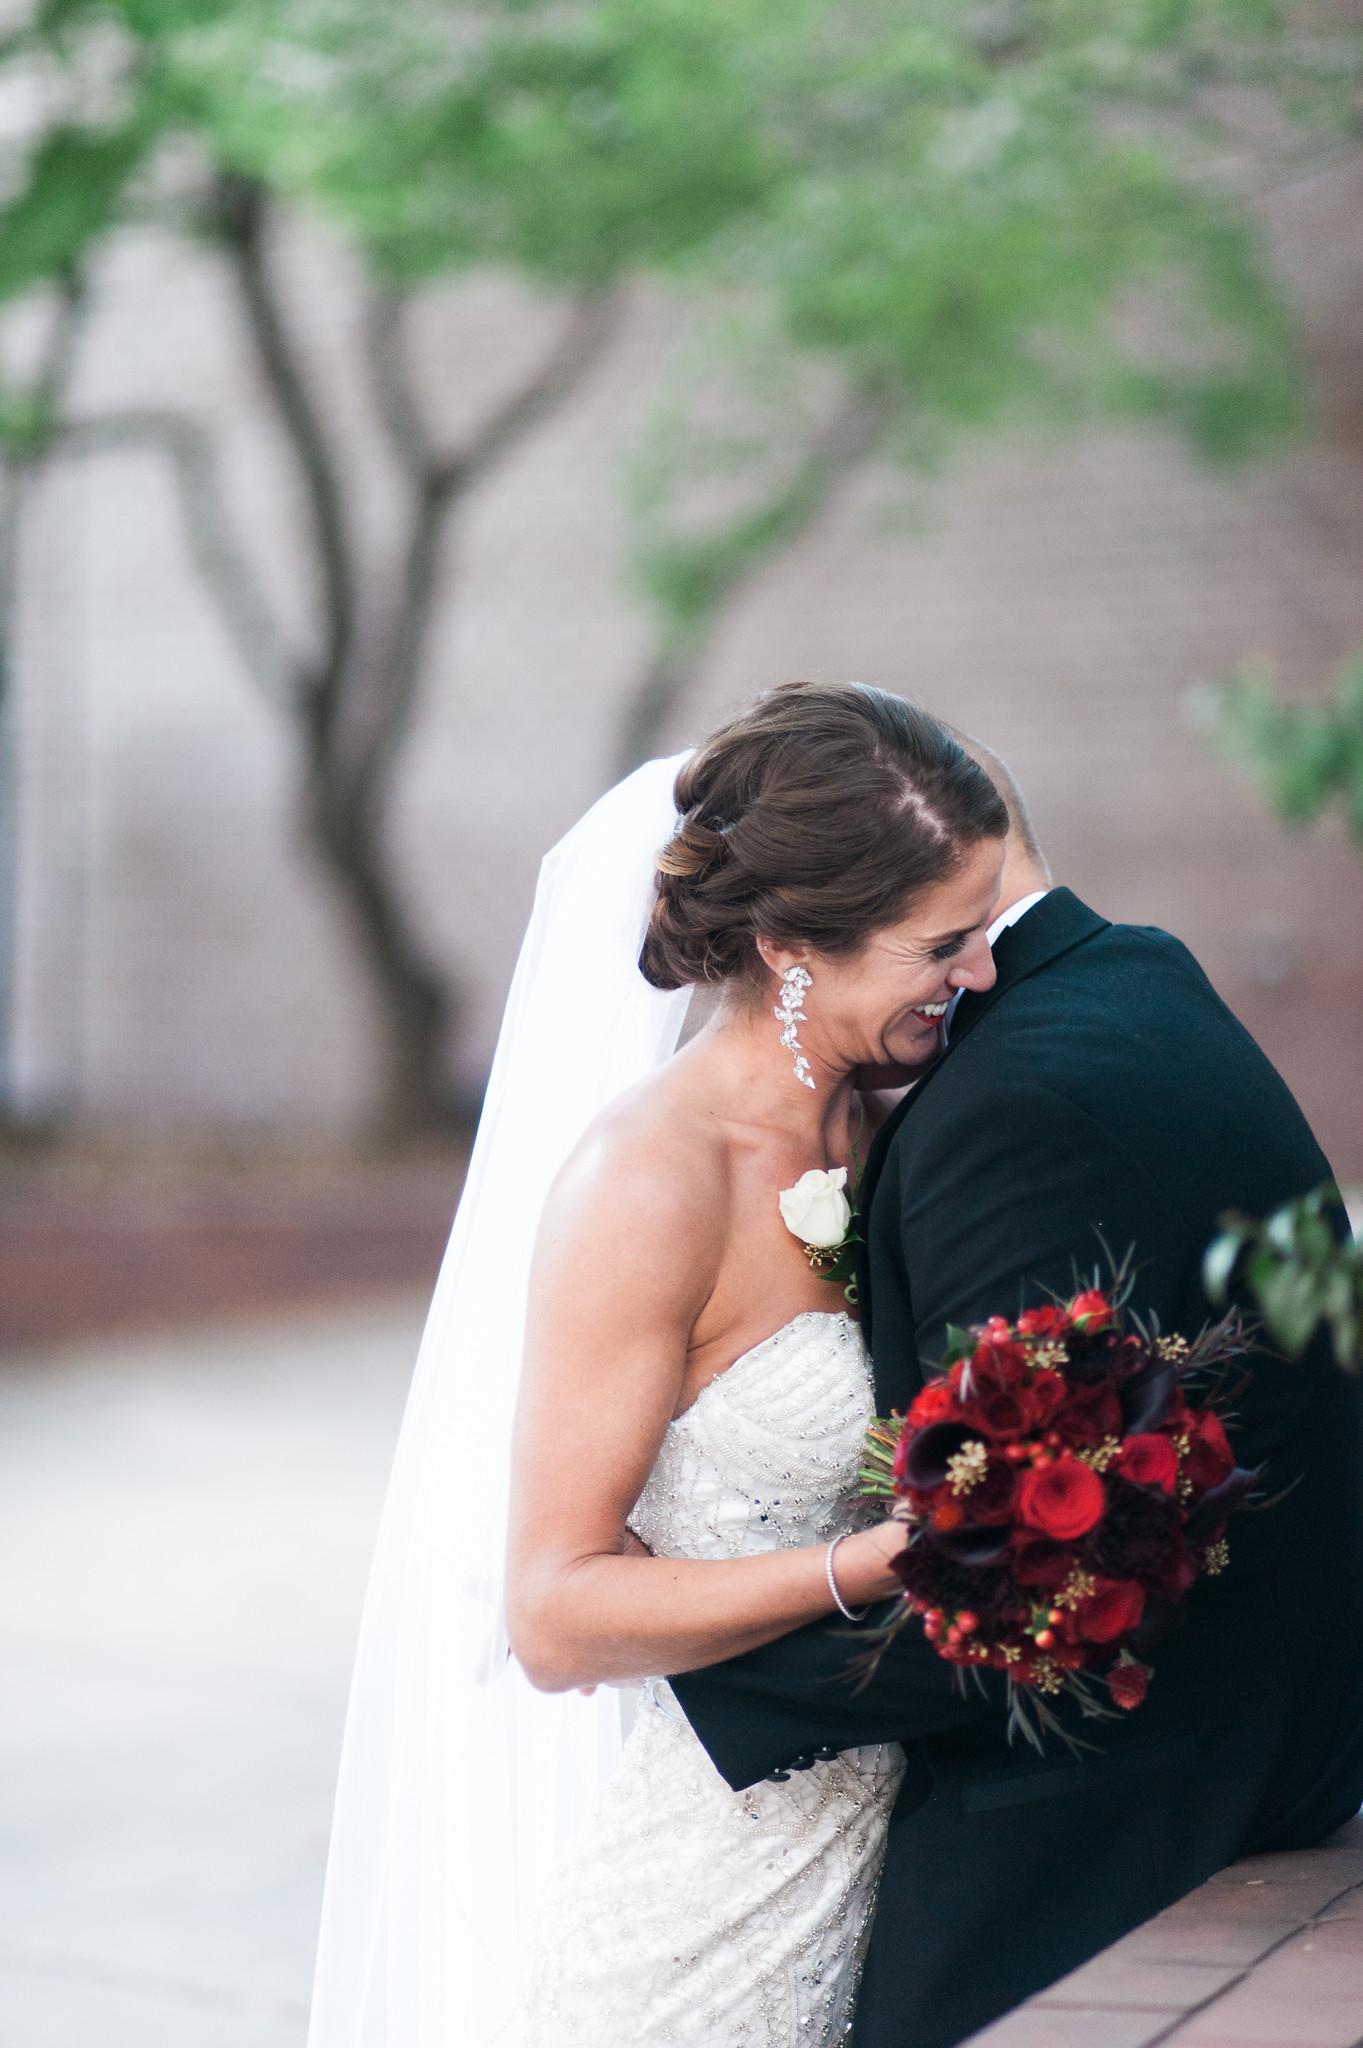 hoke-wedding-286-X4.jpg